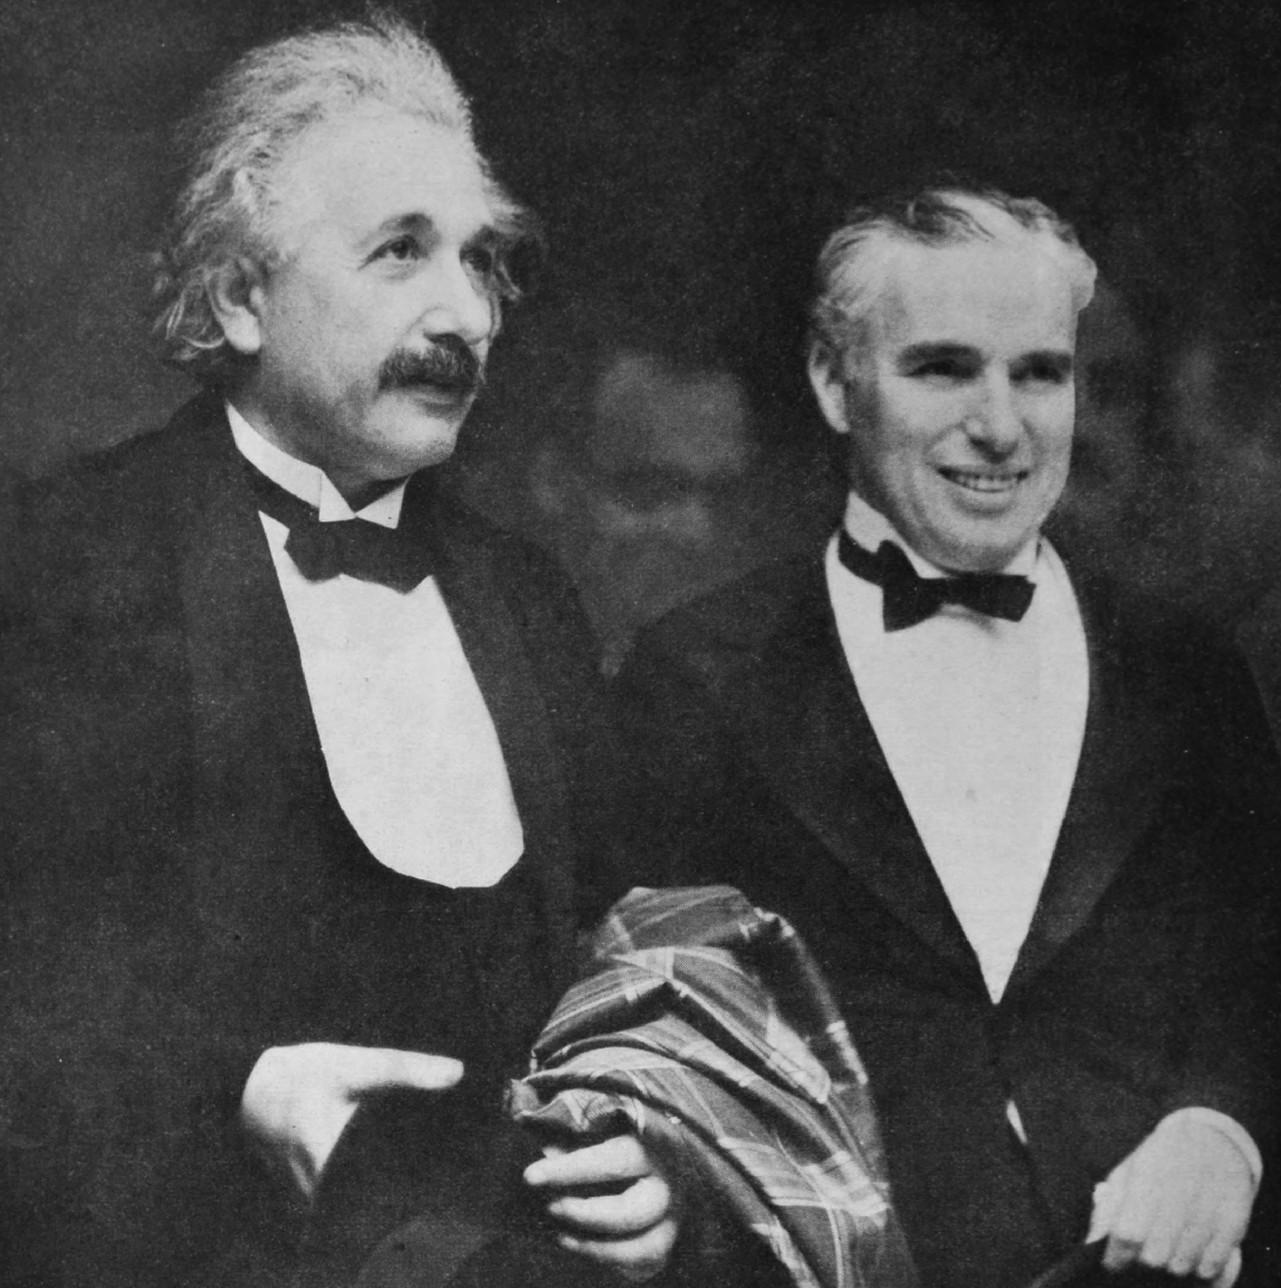 Más detalles Albert Einstein y Charles Chaplin en 1931.